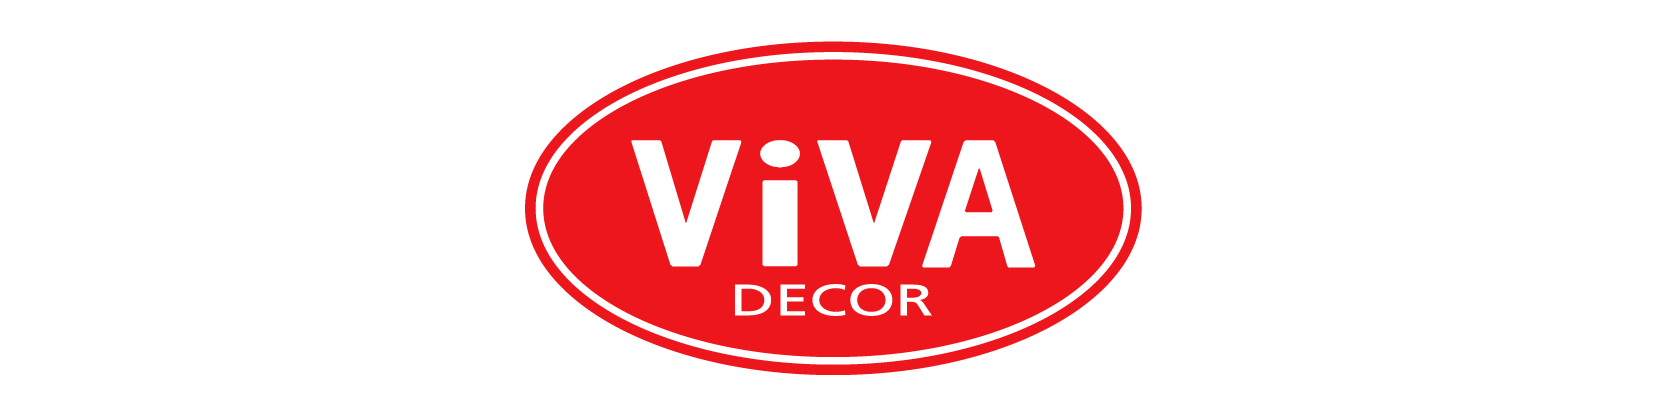 viva Logo - Lieferant unseres Bastelladen in Lohne